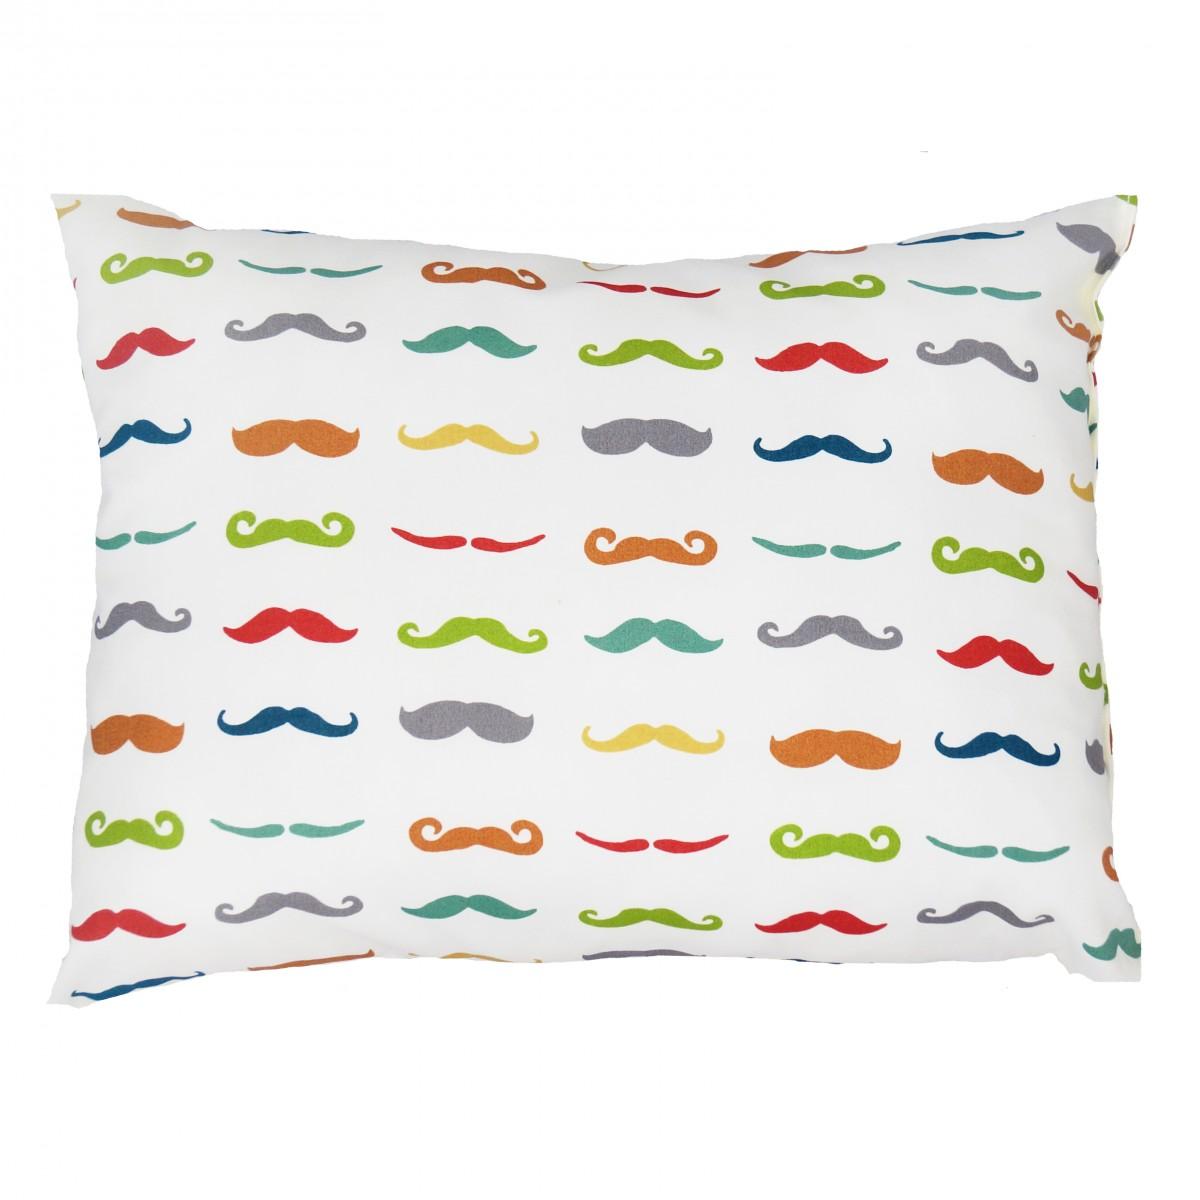 oreiller enfant moustaches en coton bio made in france. Black Bedroom Furniture Sets. Home Design Ideas